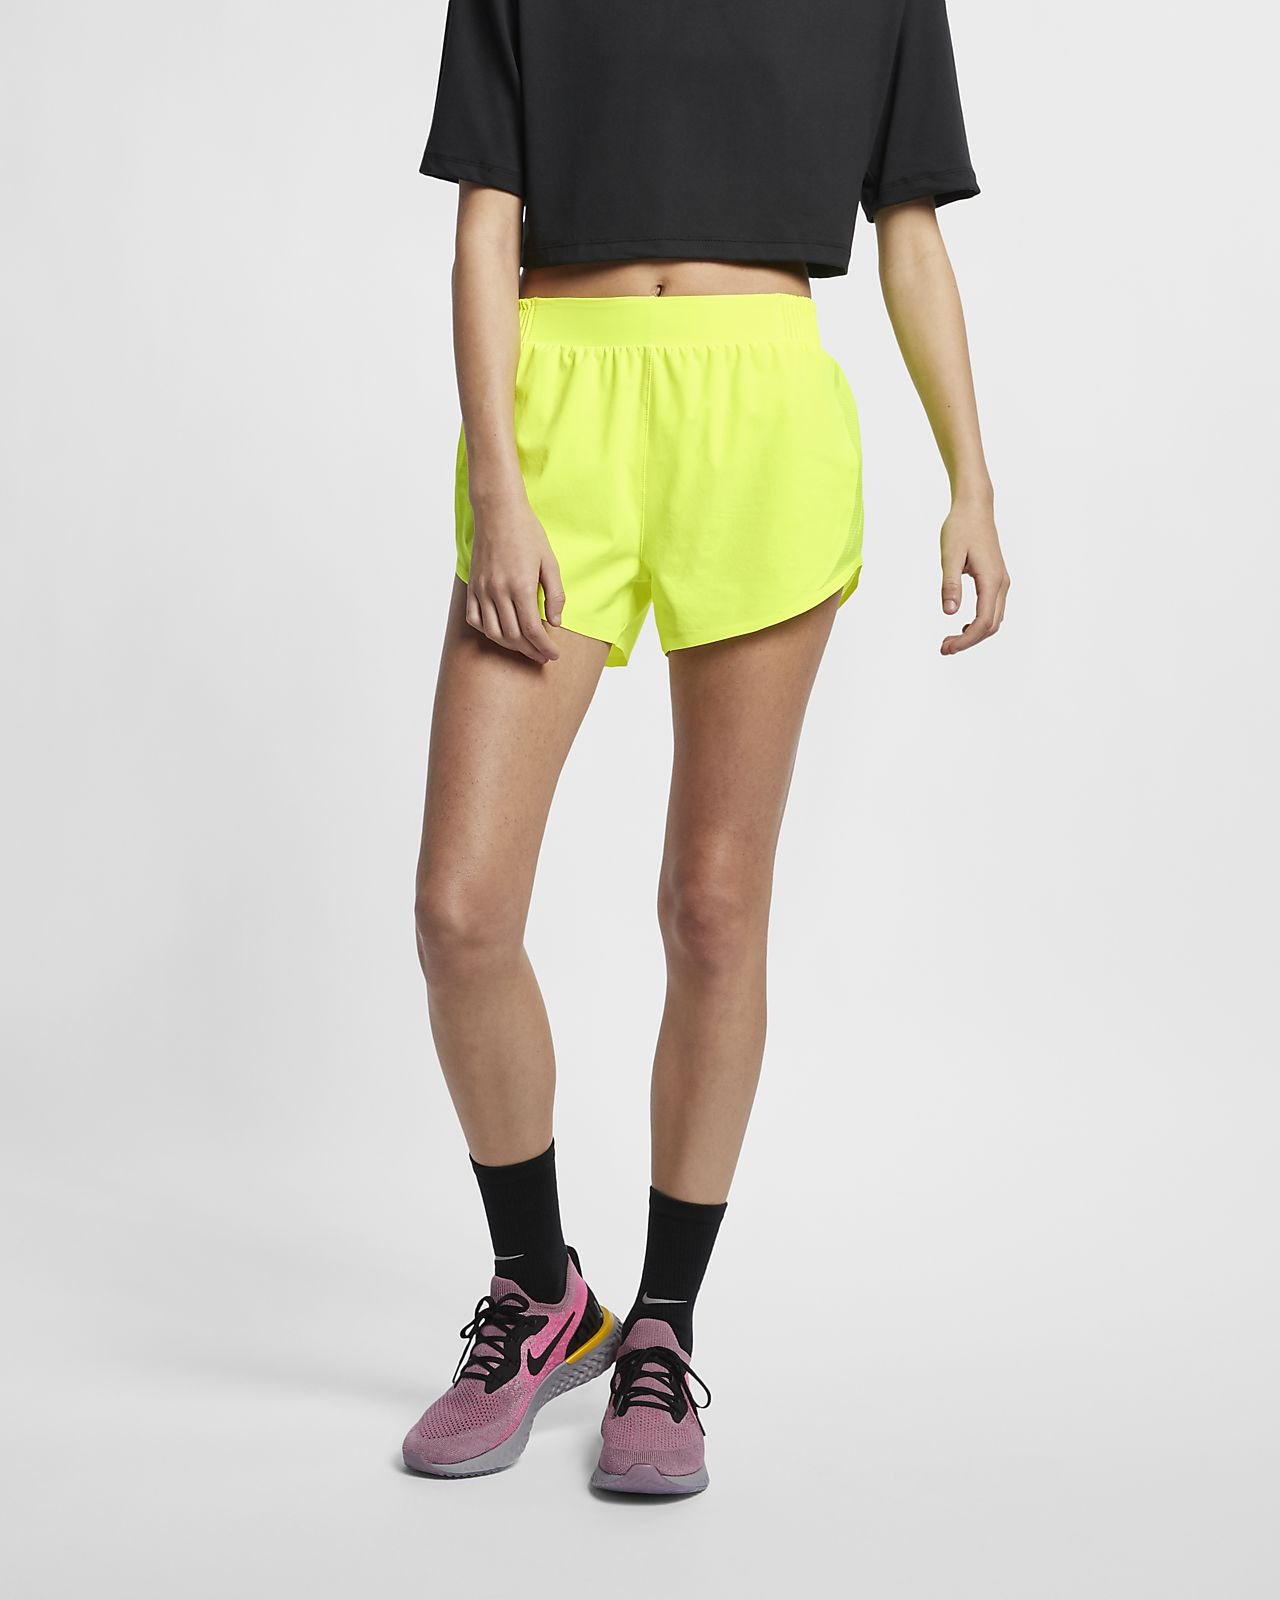 bf3b310408c64 Nike Tempo Women s Running Shorts. Nike.com GB